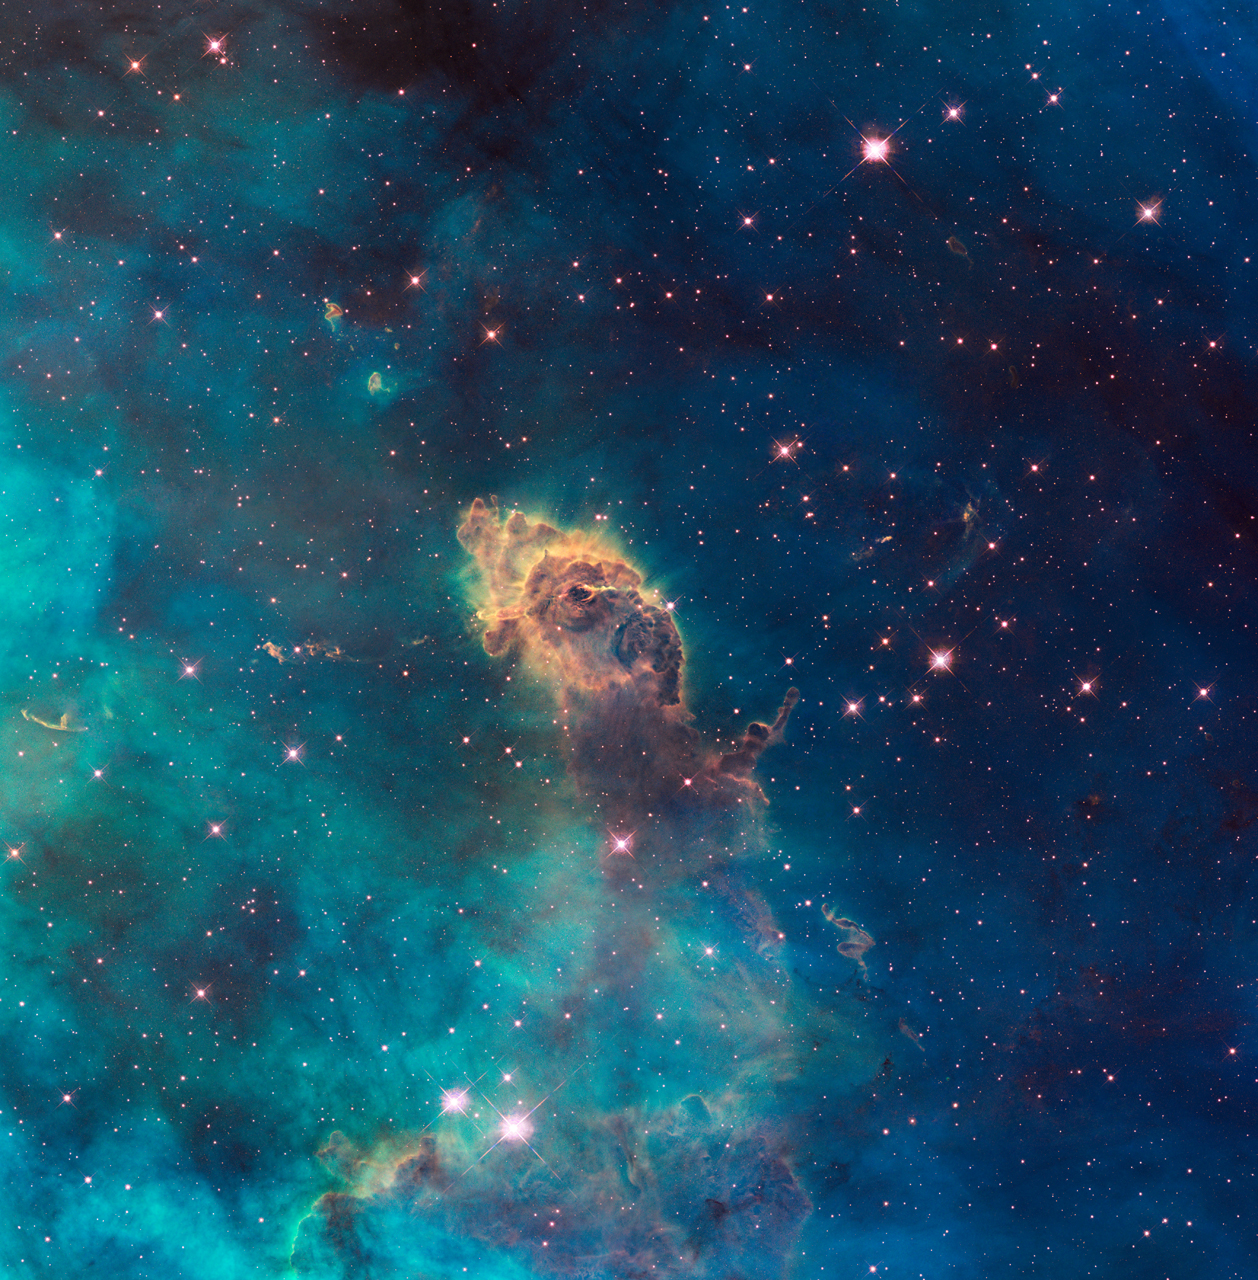 nebula space hubble - photo #30